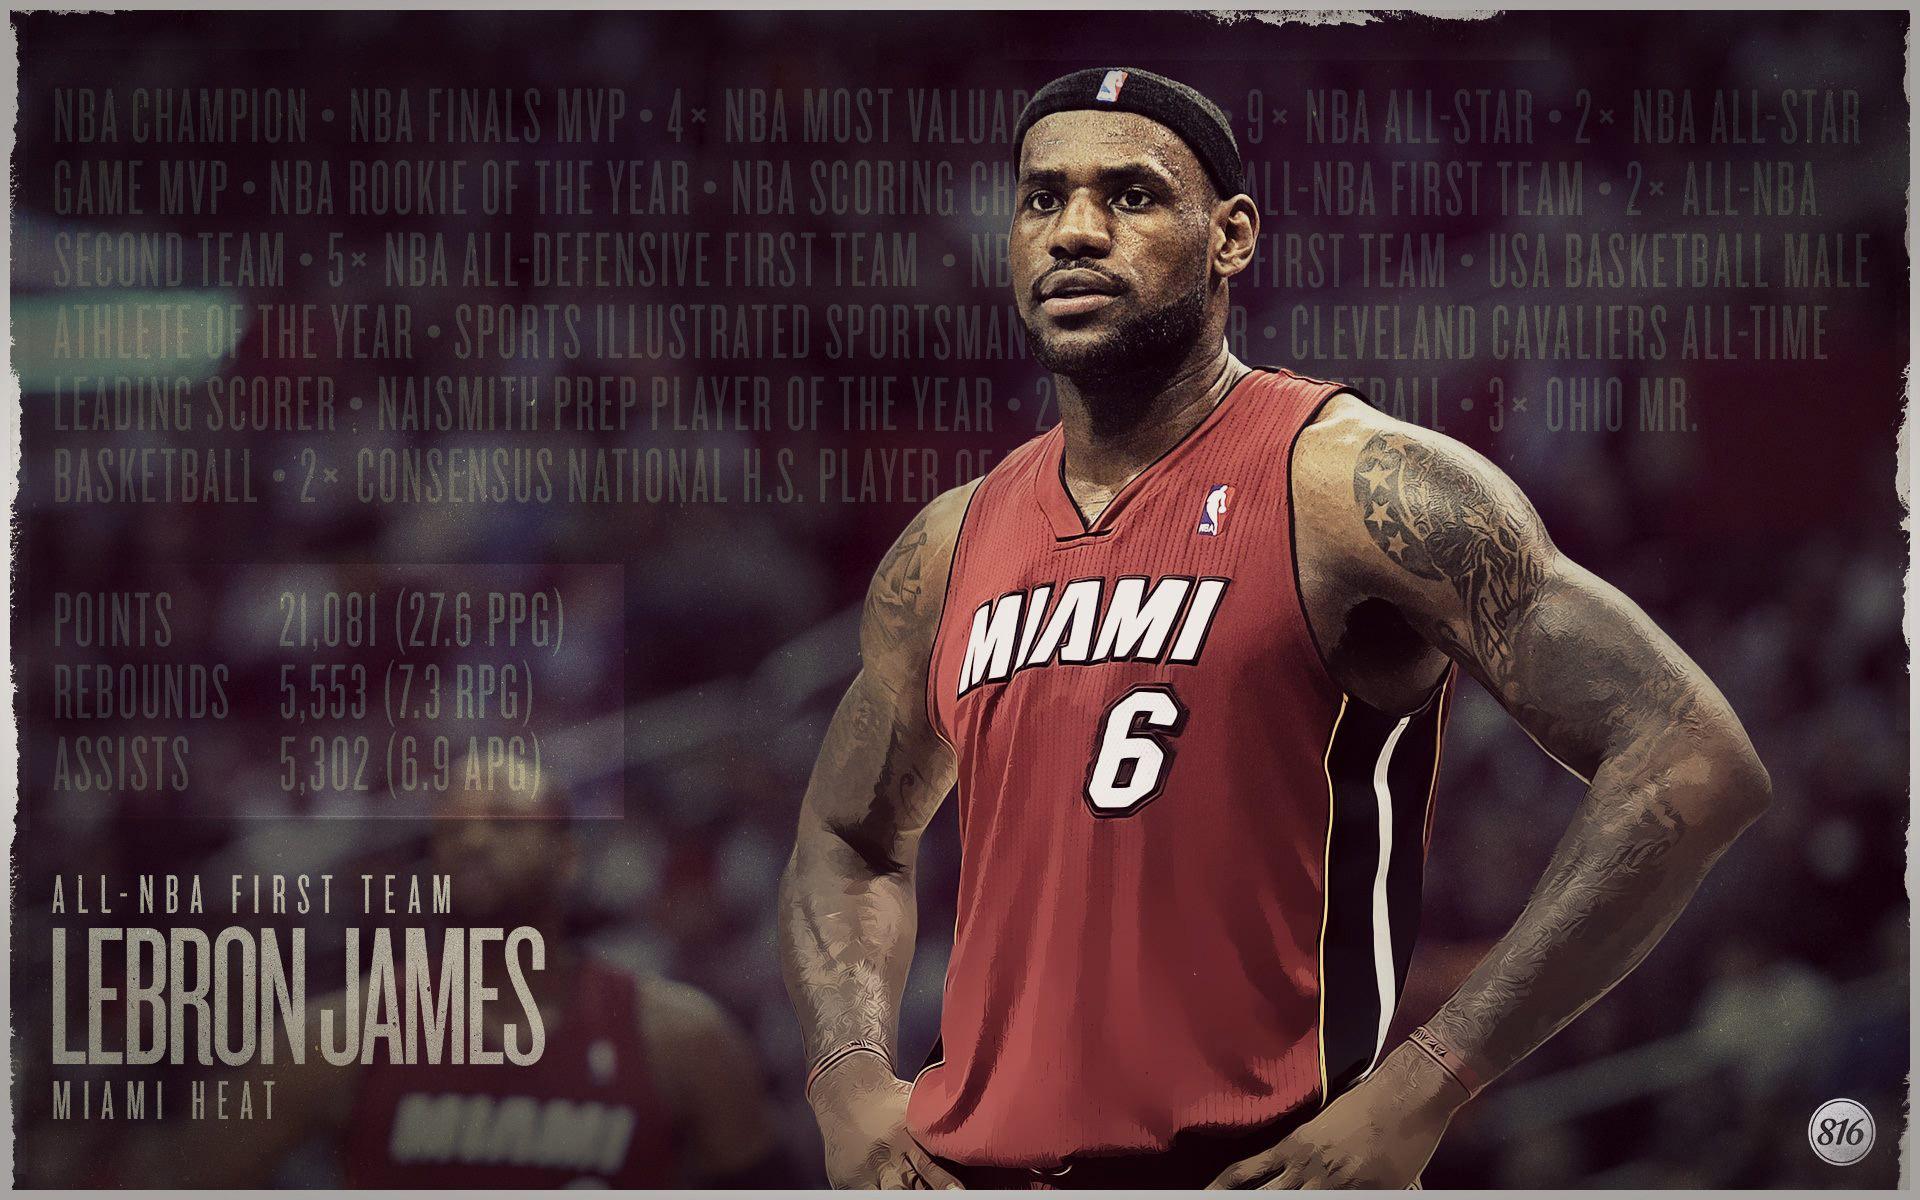 LeBron James 2013 All NBA First Team 19201200 Wallpaper